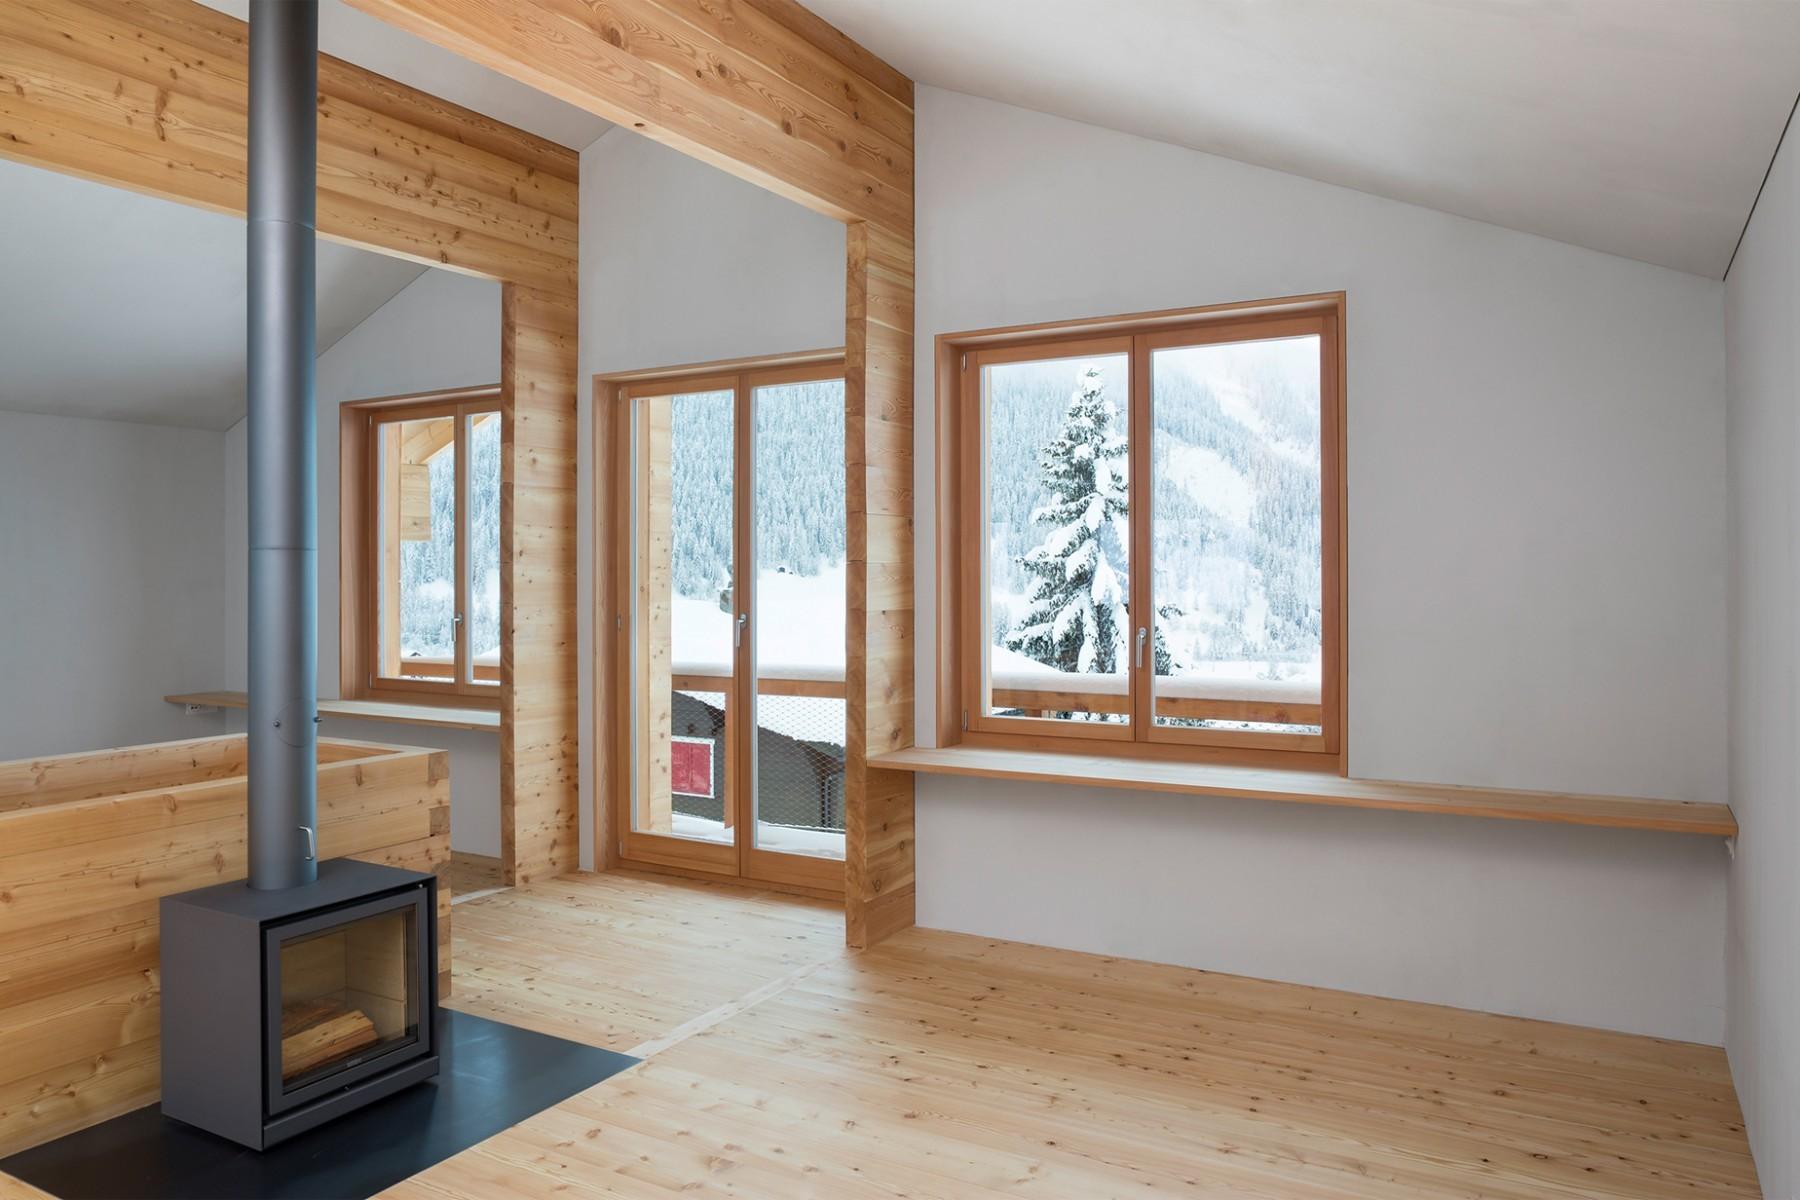 Atelierhaus Reckingen - Wohnbereich – Balkon